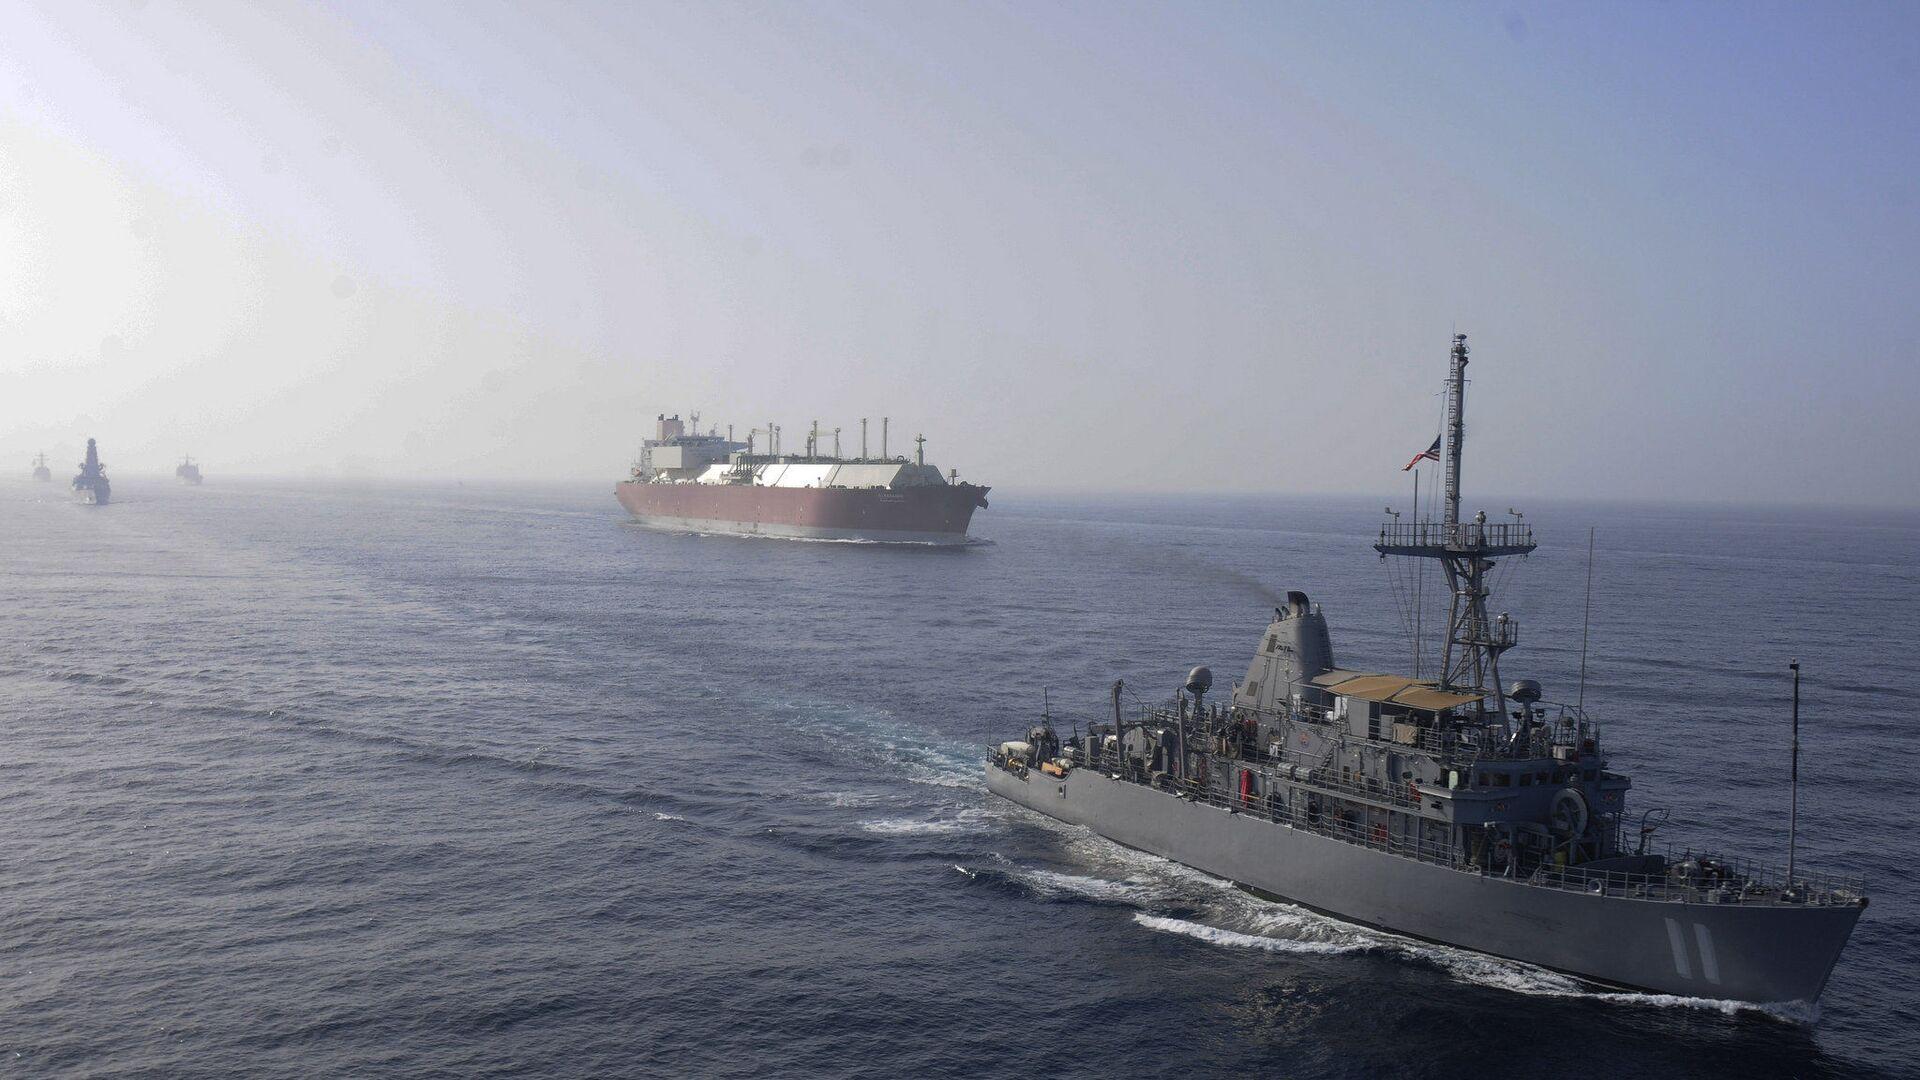 Flota marynarki wojennej USA eskortuje tankowiec przewożący LNG - Sputnik Polska, 1920, 31.07.2021